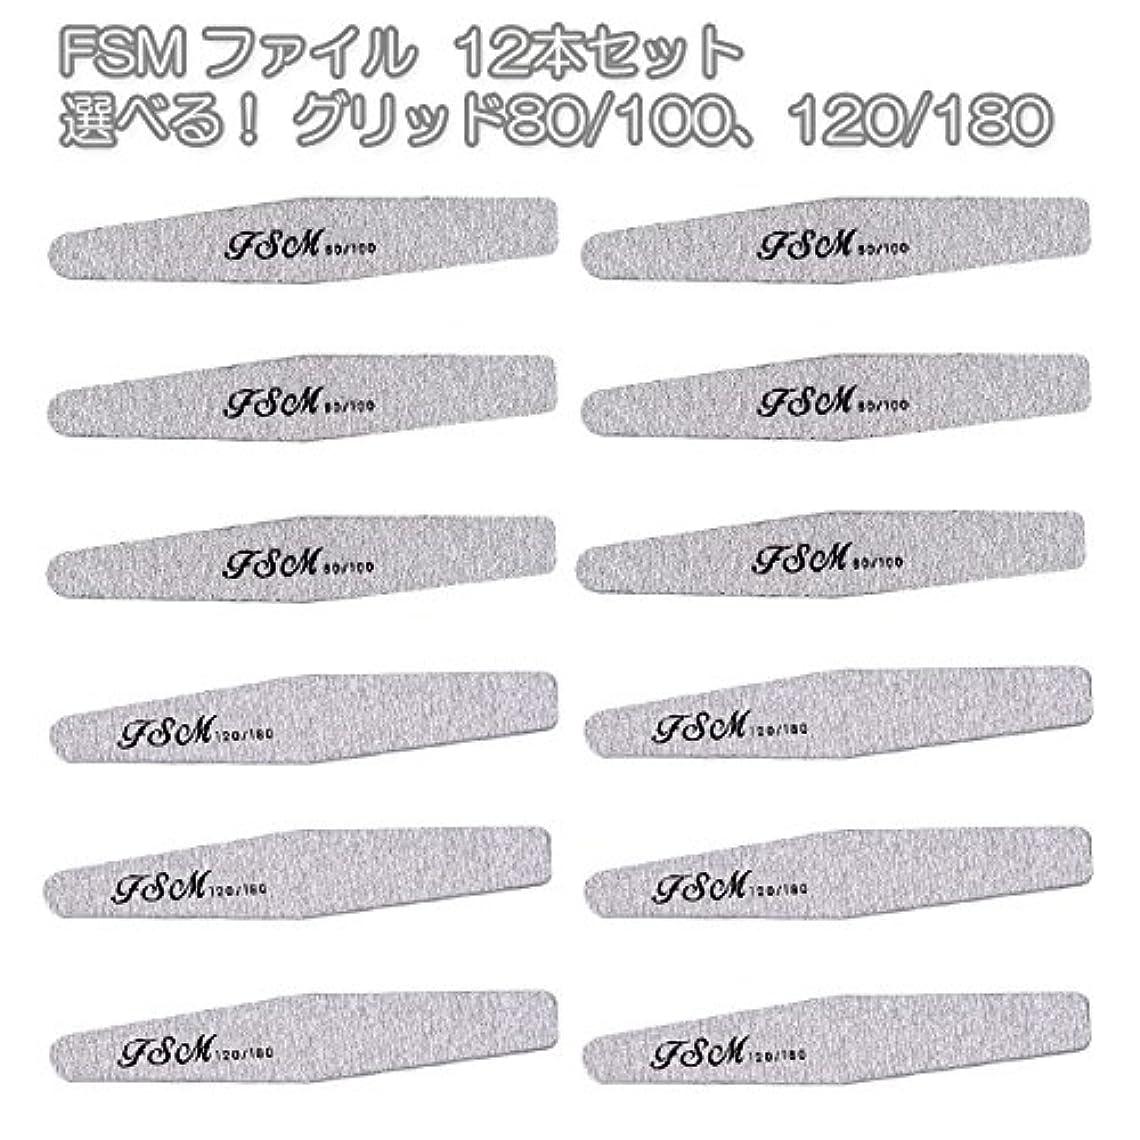 アグネスグレイレッドデート推進FSM ネイルファイル/バッファー12本セット(選べる!グリッド80/100、120/180) (G80/100の12本)